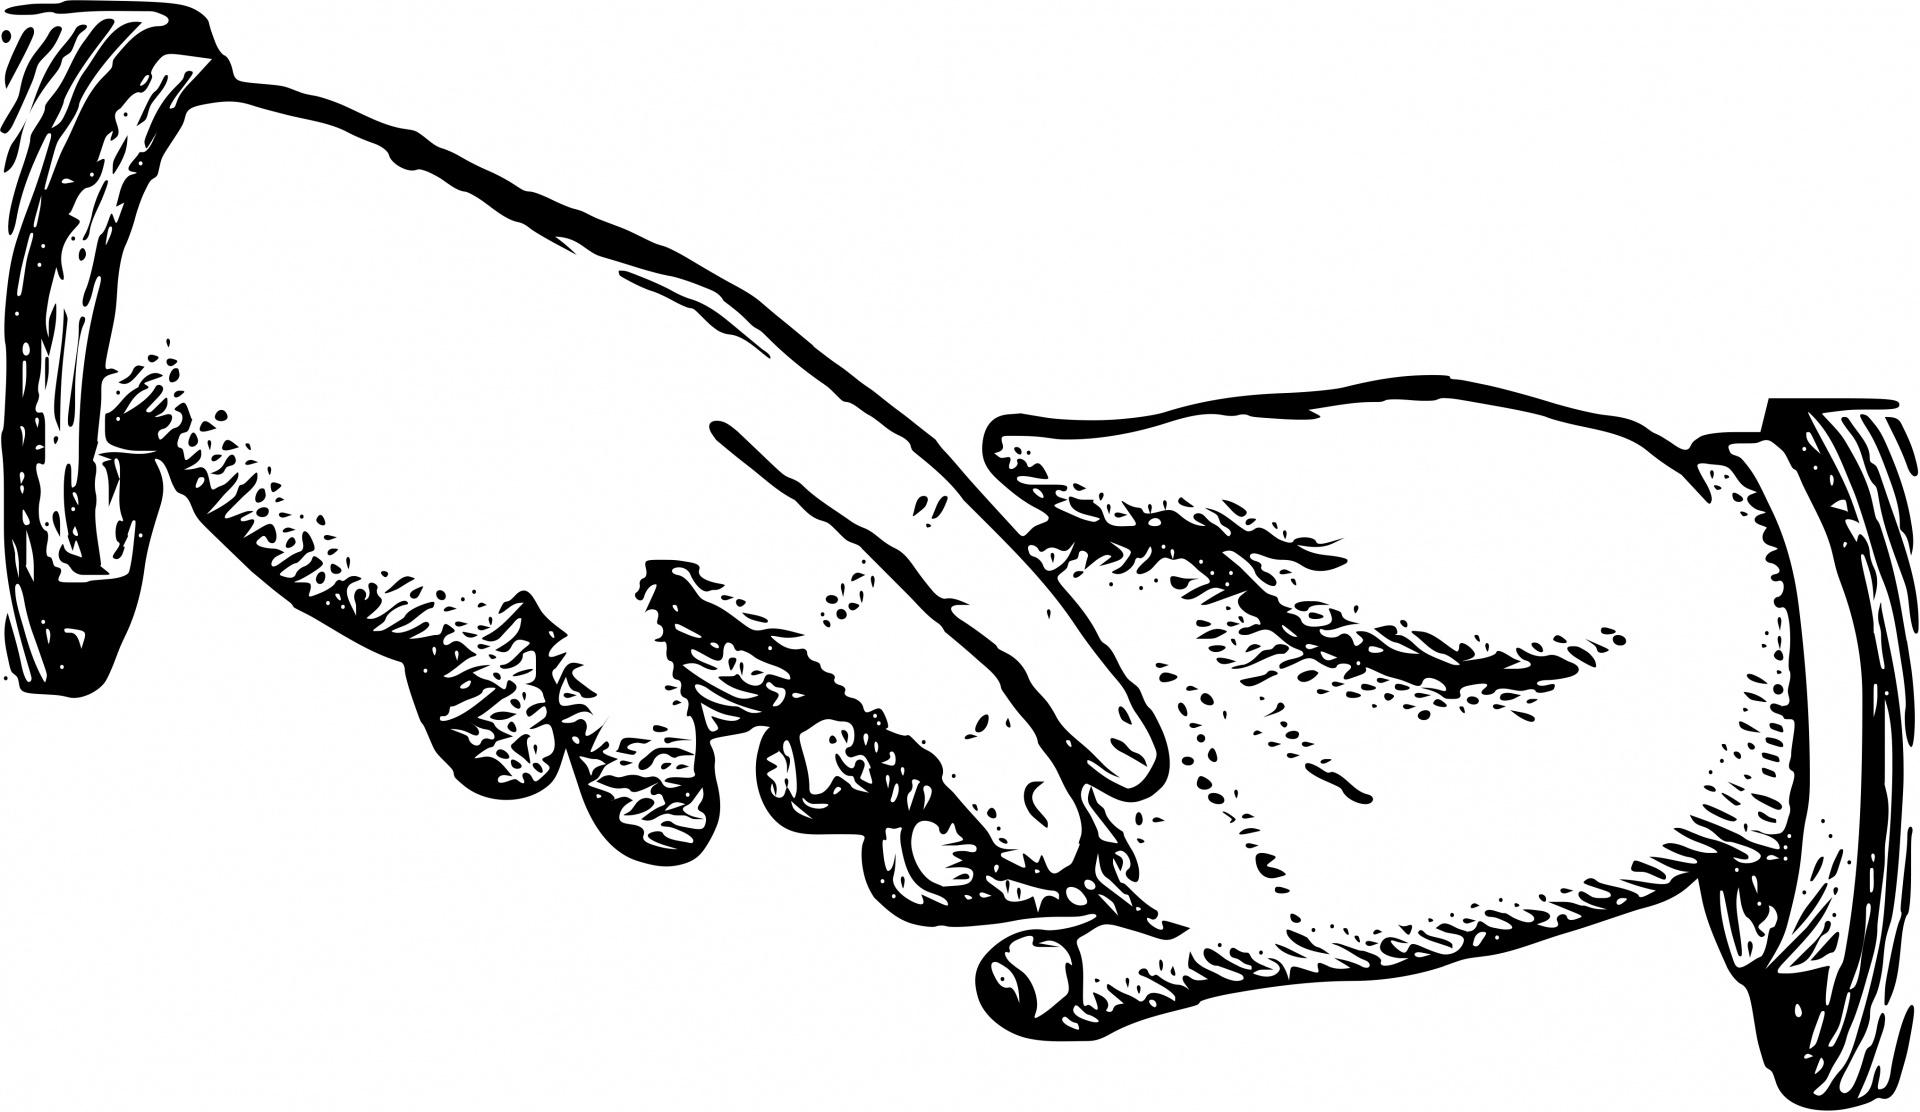 Clipart Handshake